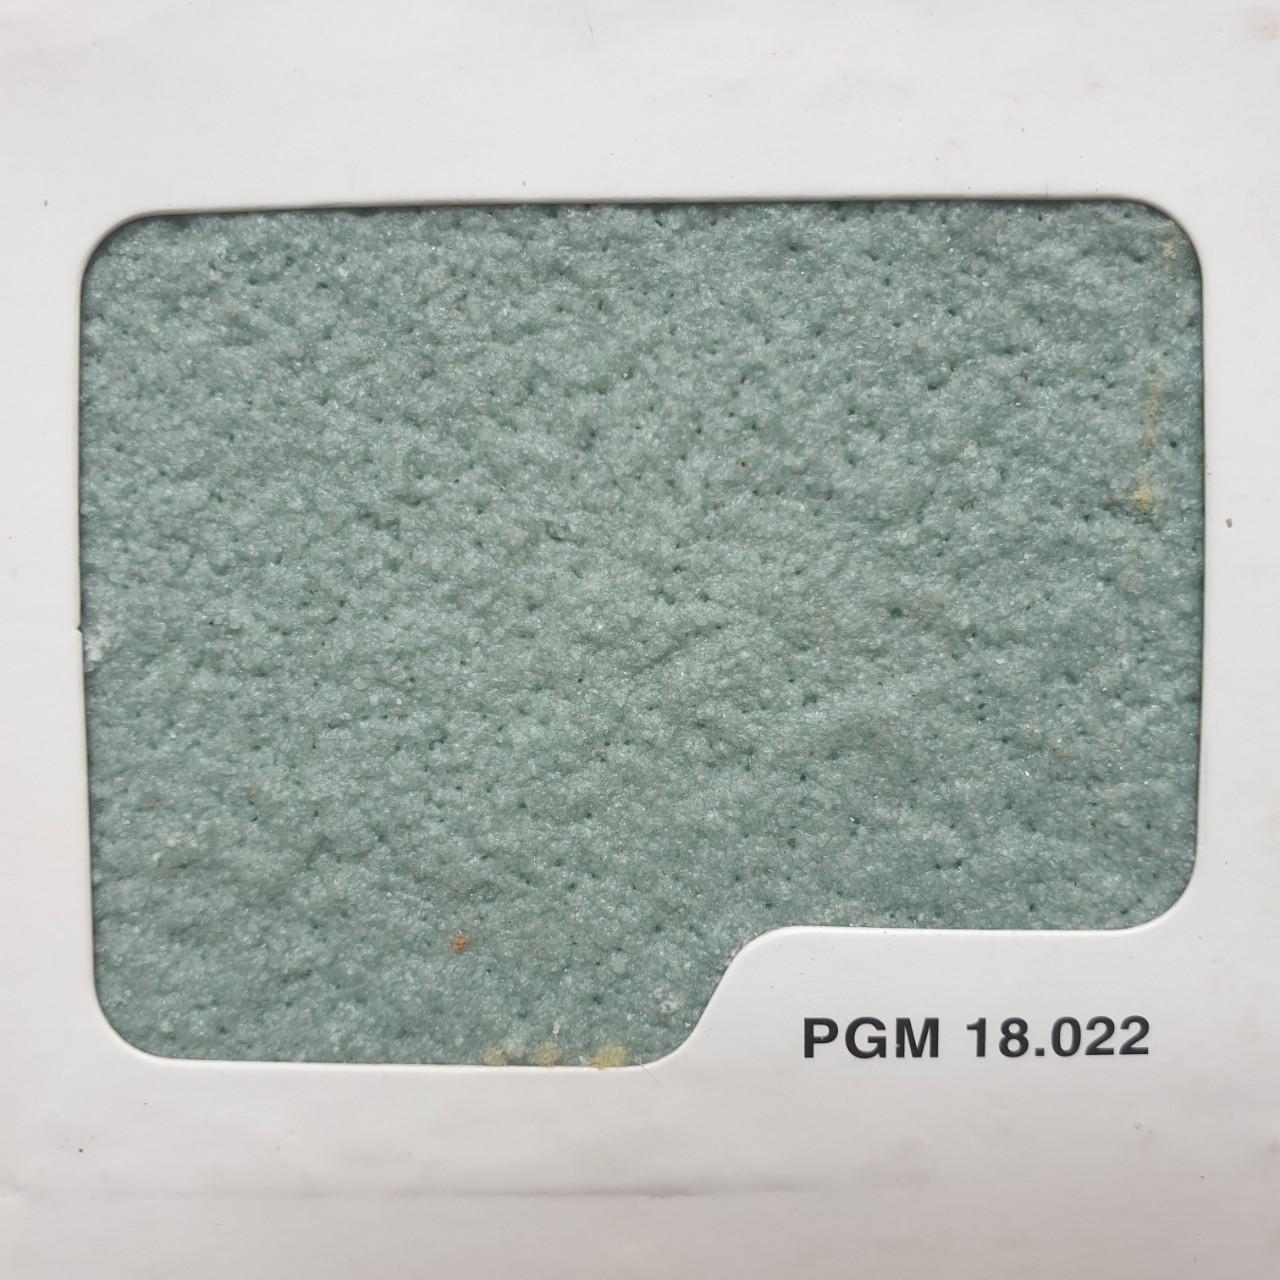 PGM 18.022